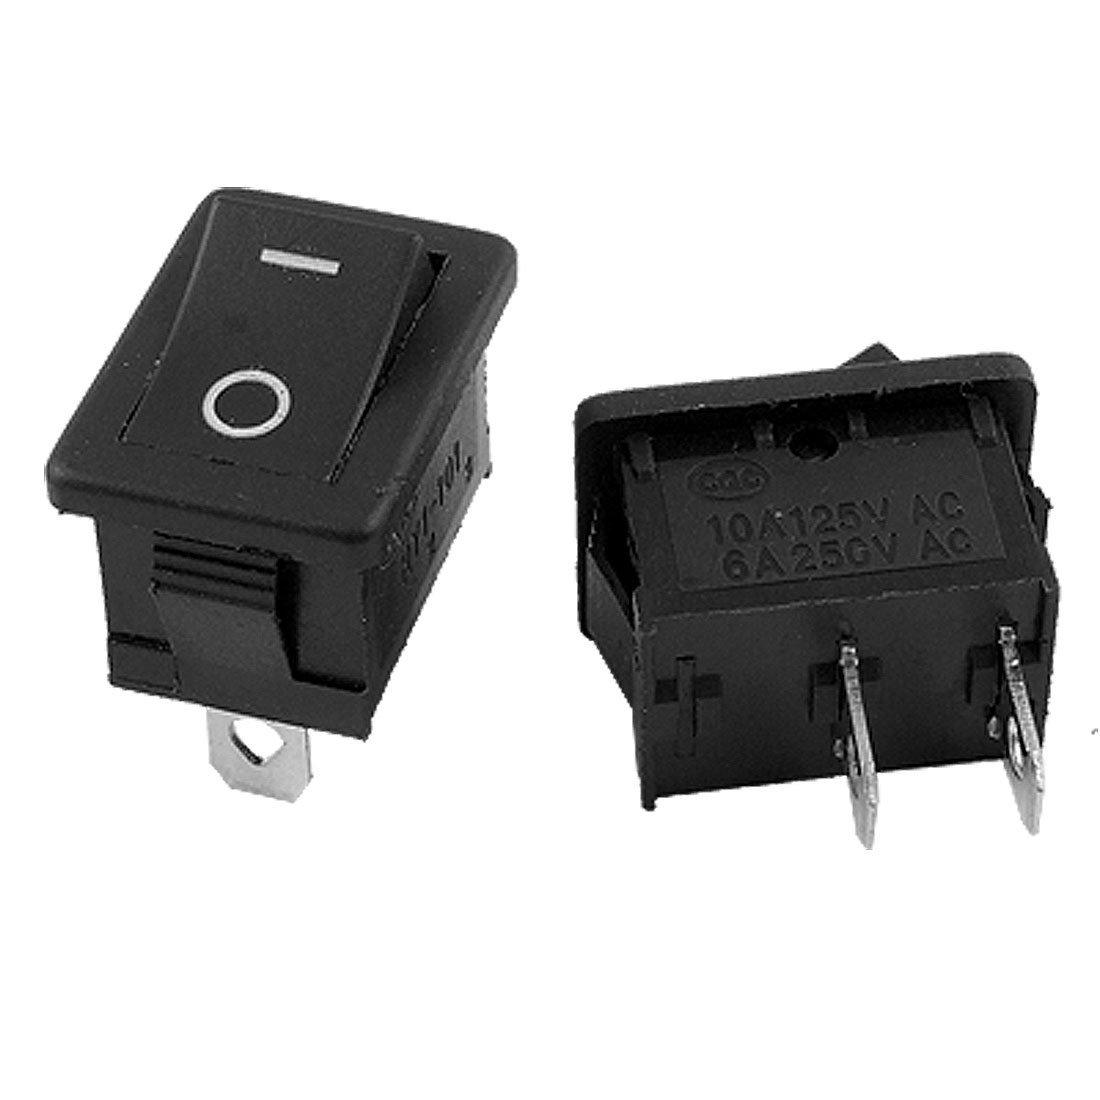 10 Pcs AC 6A/250V 10A/125V 2 Solder Lug On/Off Mini Boat Rocker Switch<br><br>Aliexpress